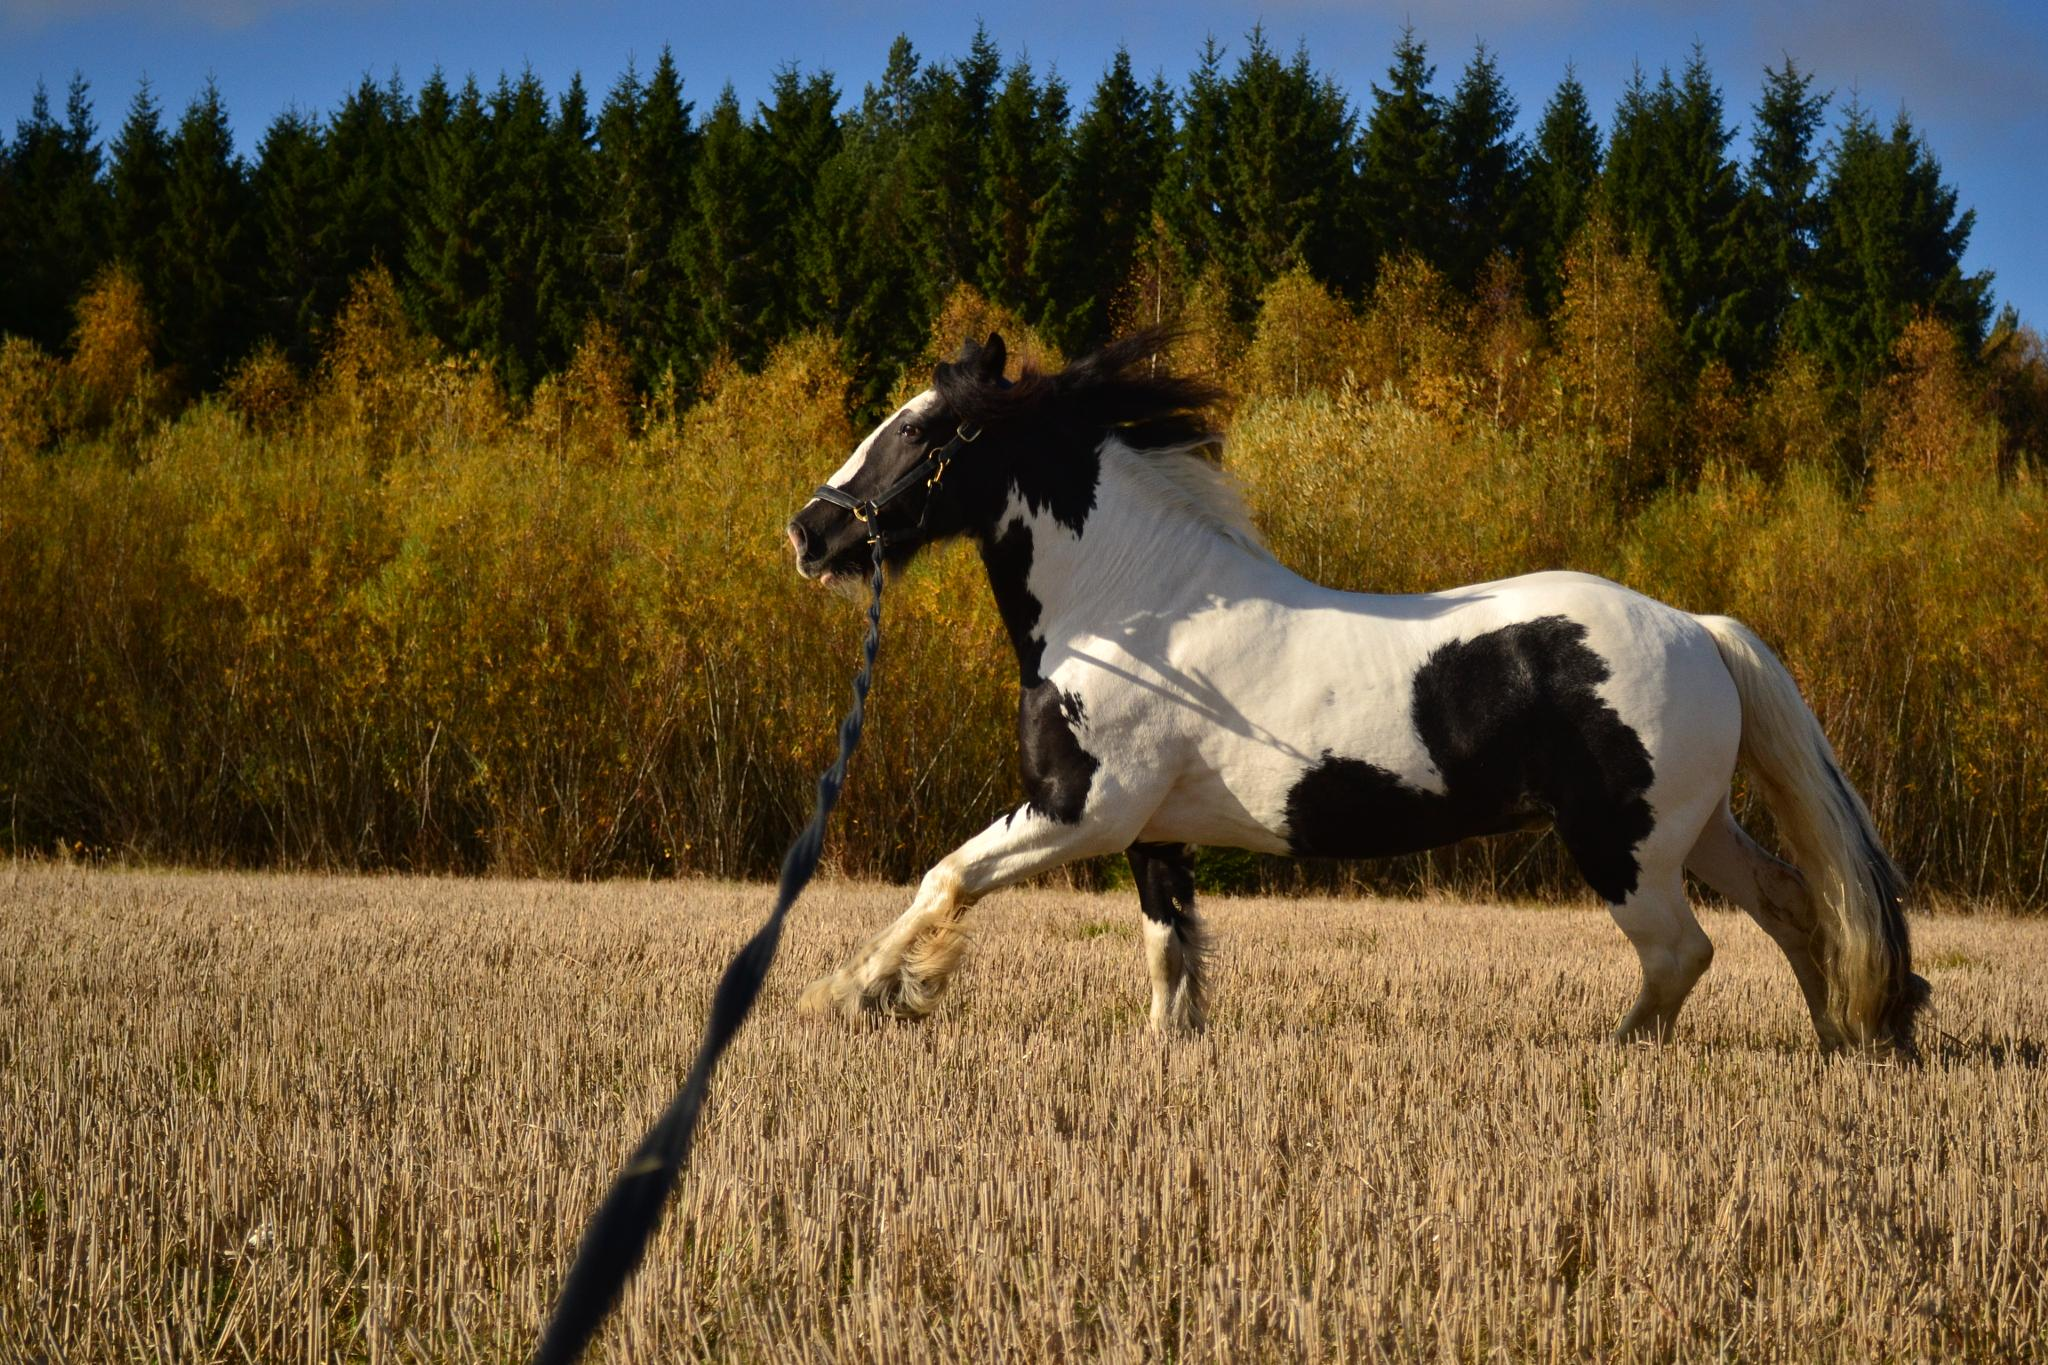 galloping horse by JuliaKarlenOberg